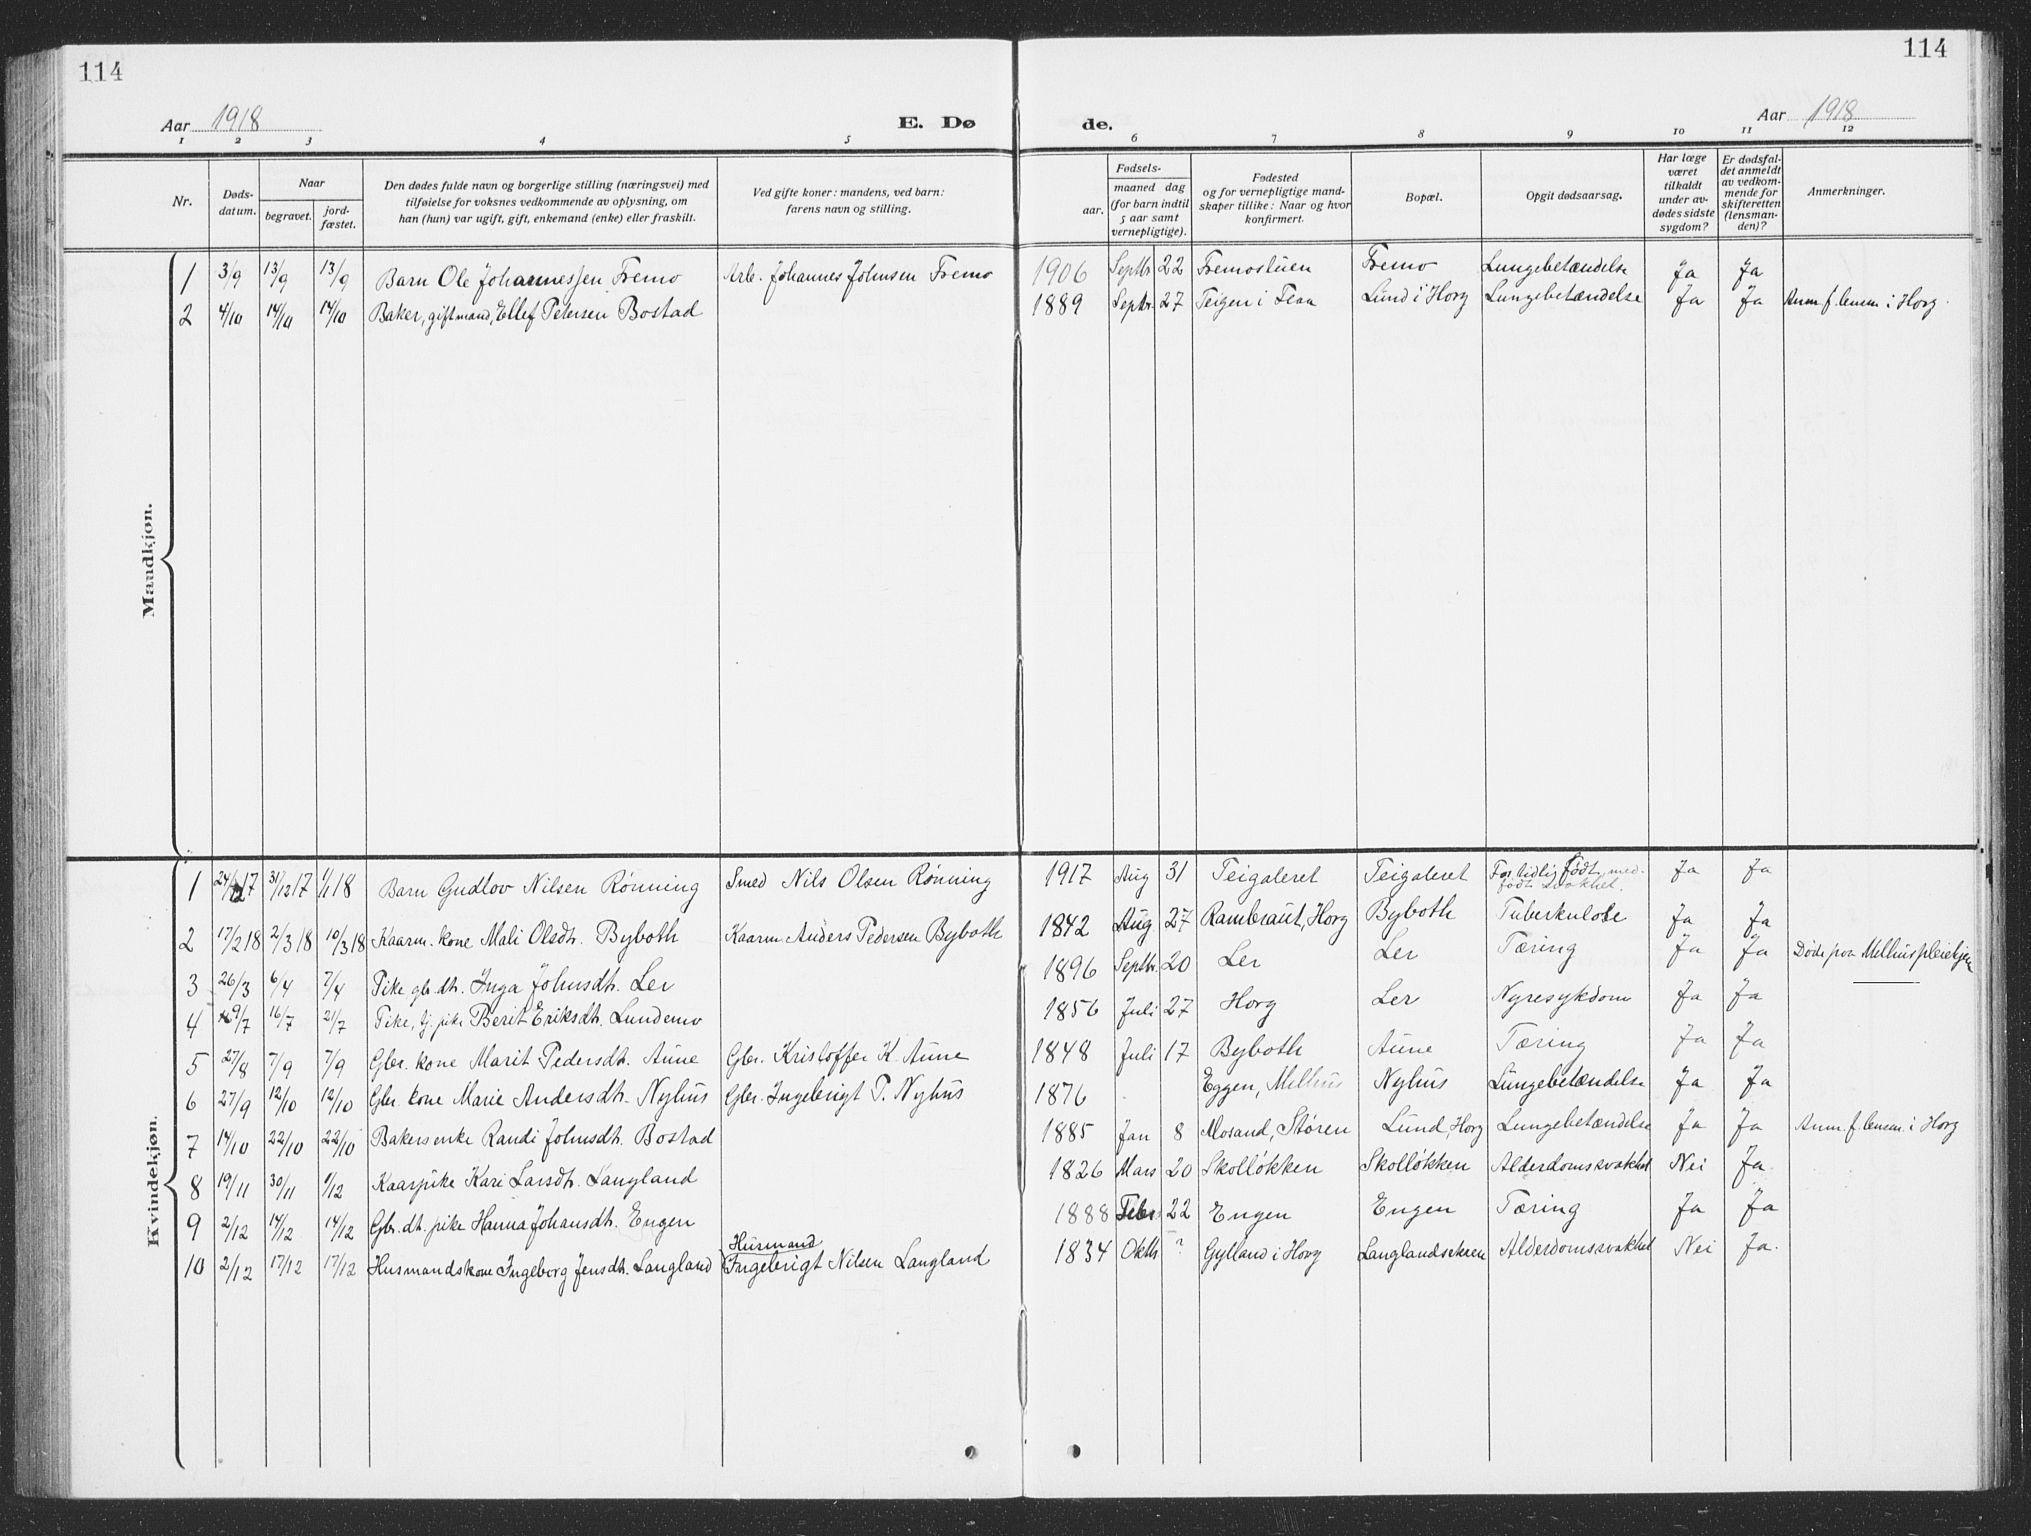 SAT, Ministerialprotokoller, klokkerbøker og fødselsregistre - Sør-Trøndelag, 693/L1124: Klokkerbok nr. 693C05, 1911-1941, s. 114